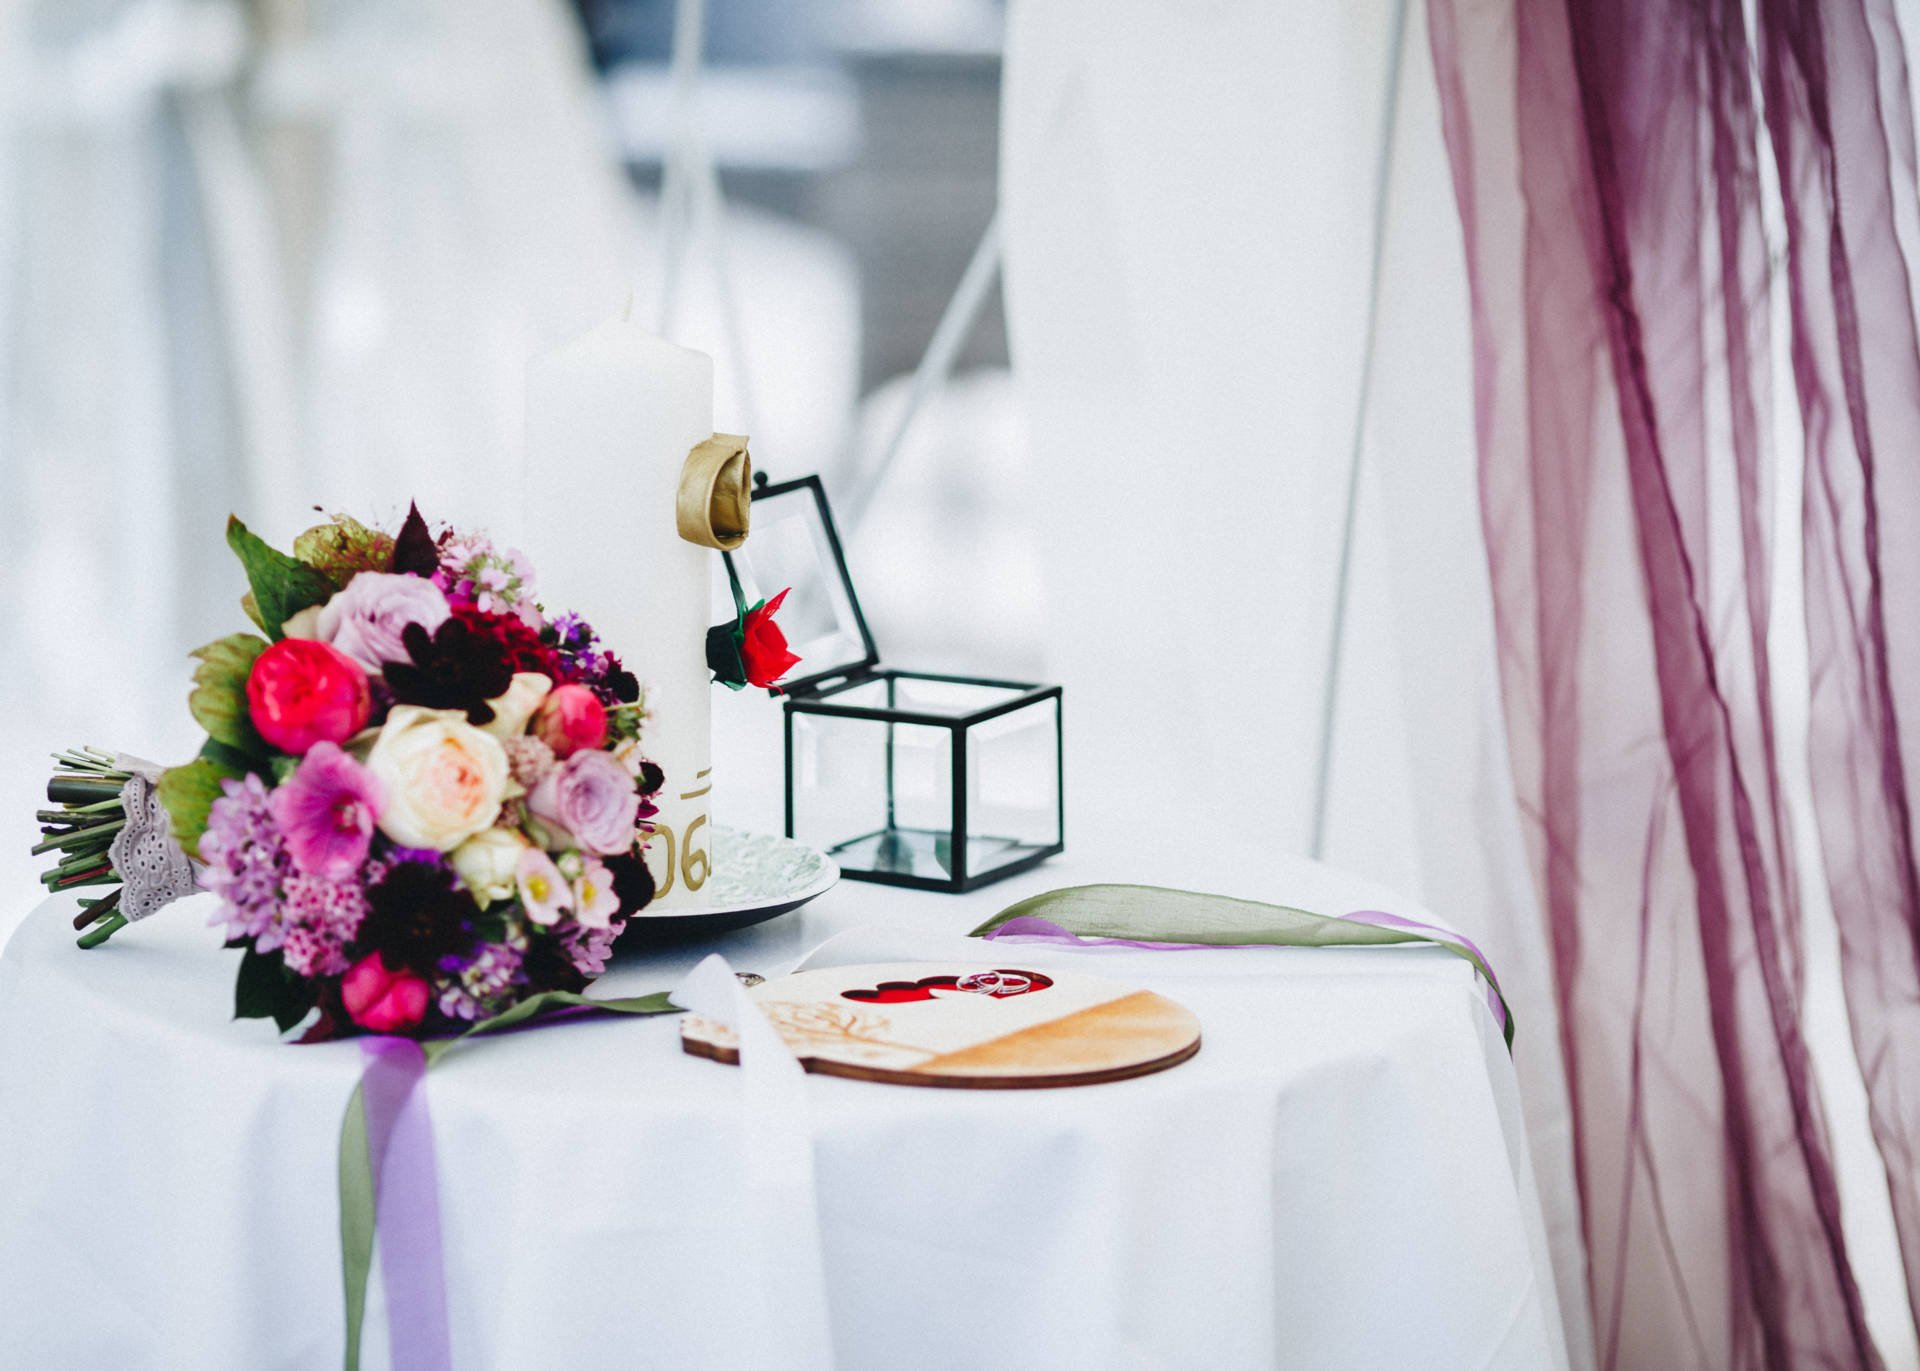 50mmfreunde Hochzeit Poesneck VillaAltenburg 04 - Freie Trauung in der Villa Altenburg